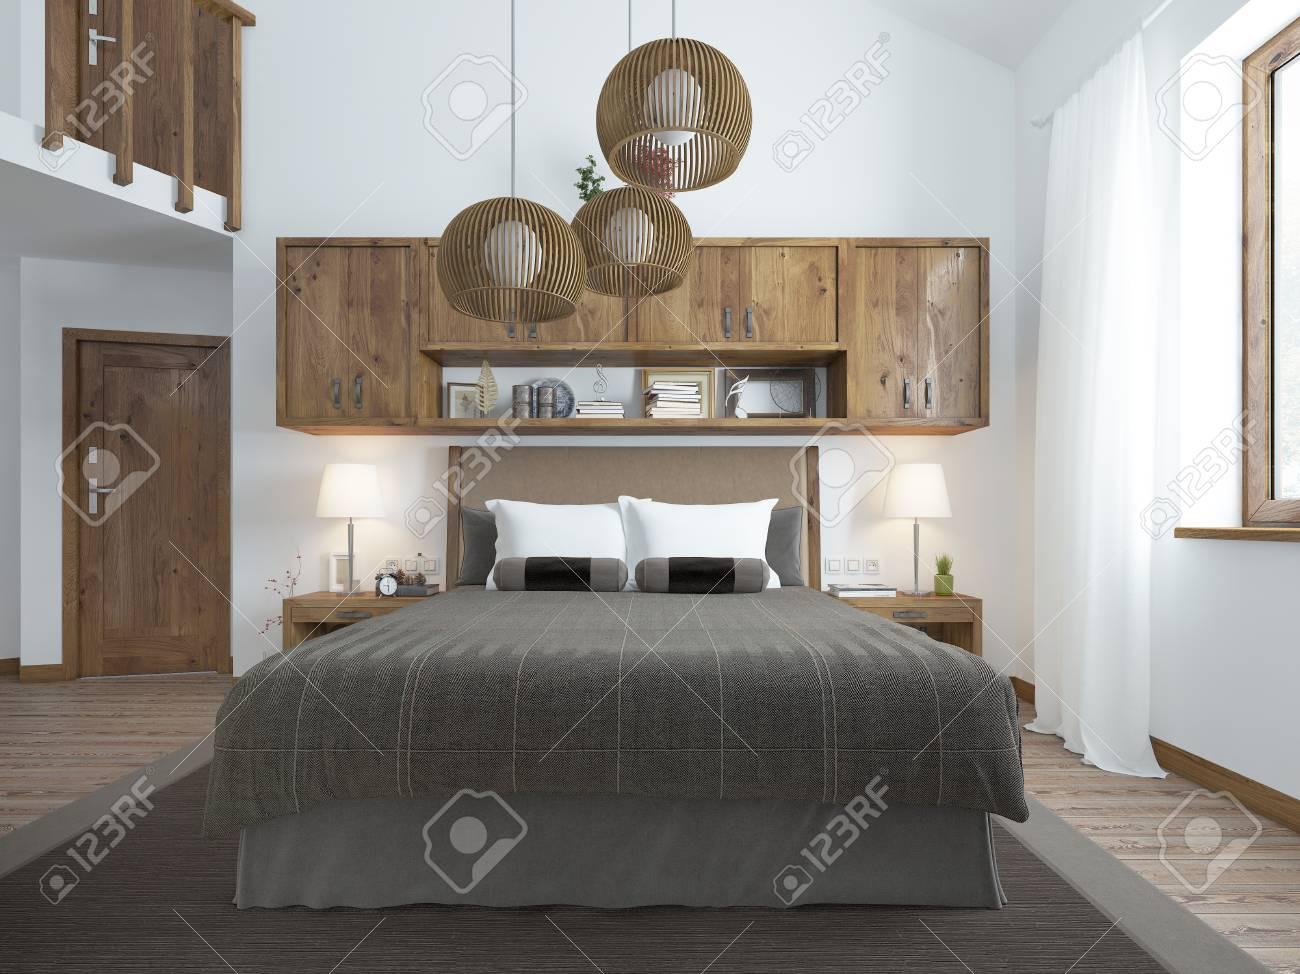 Camera Da Letto Nel Soppalco : Vista frontale del letto nella camera da letto nel soppalco l